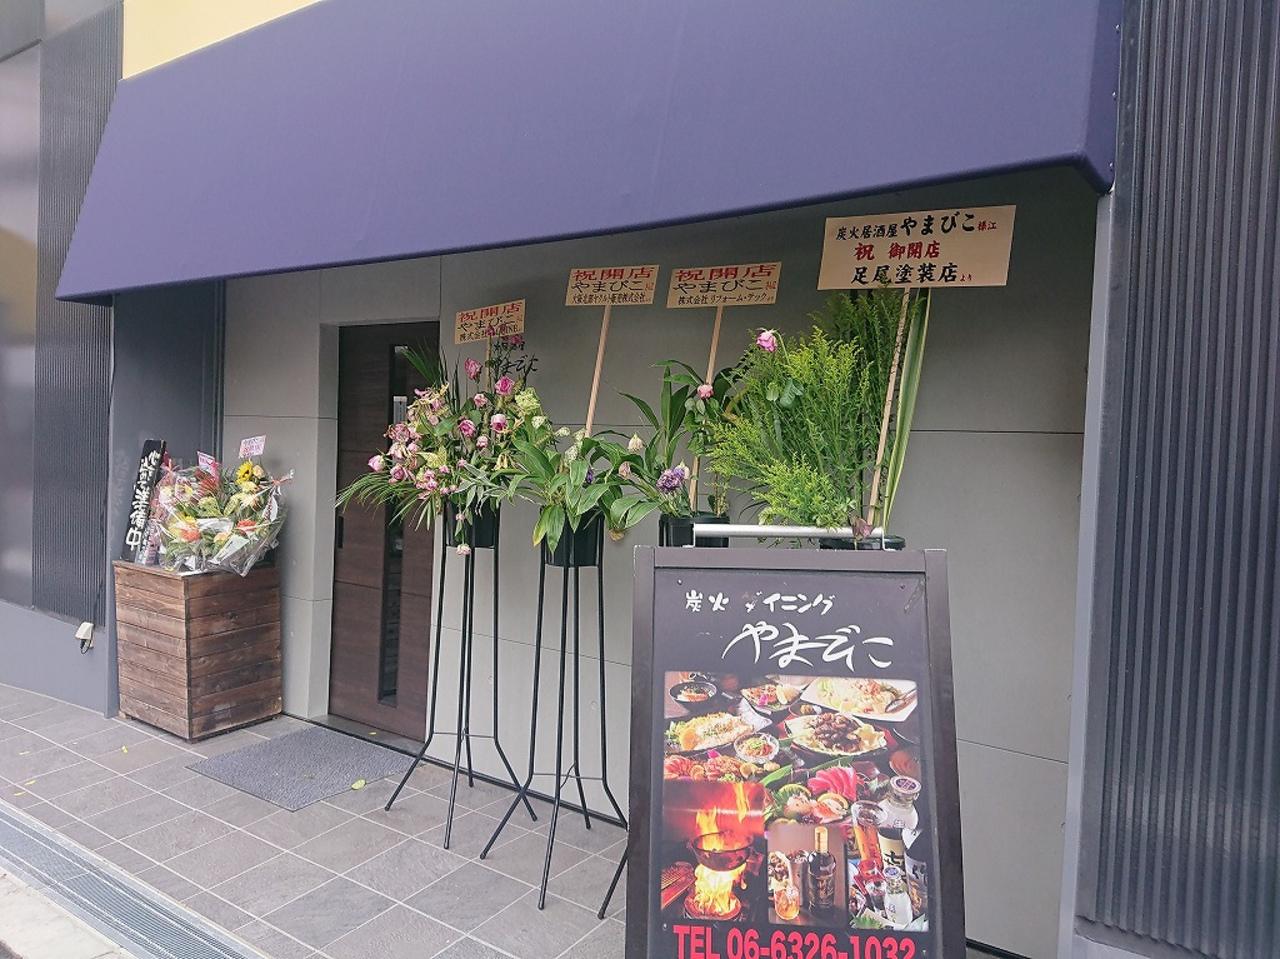 グルメシティ上新庄駅前店横の新しいビルに炭火居酒屋『やまびこ』がオープンされました。